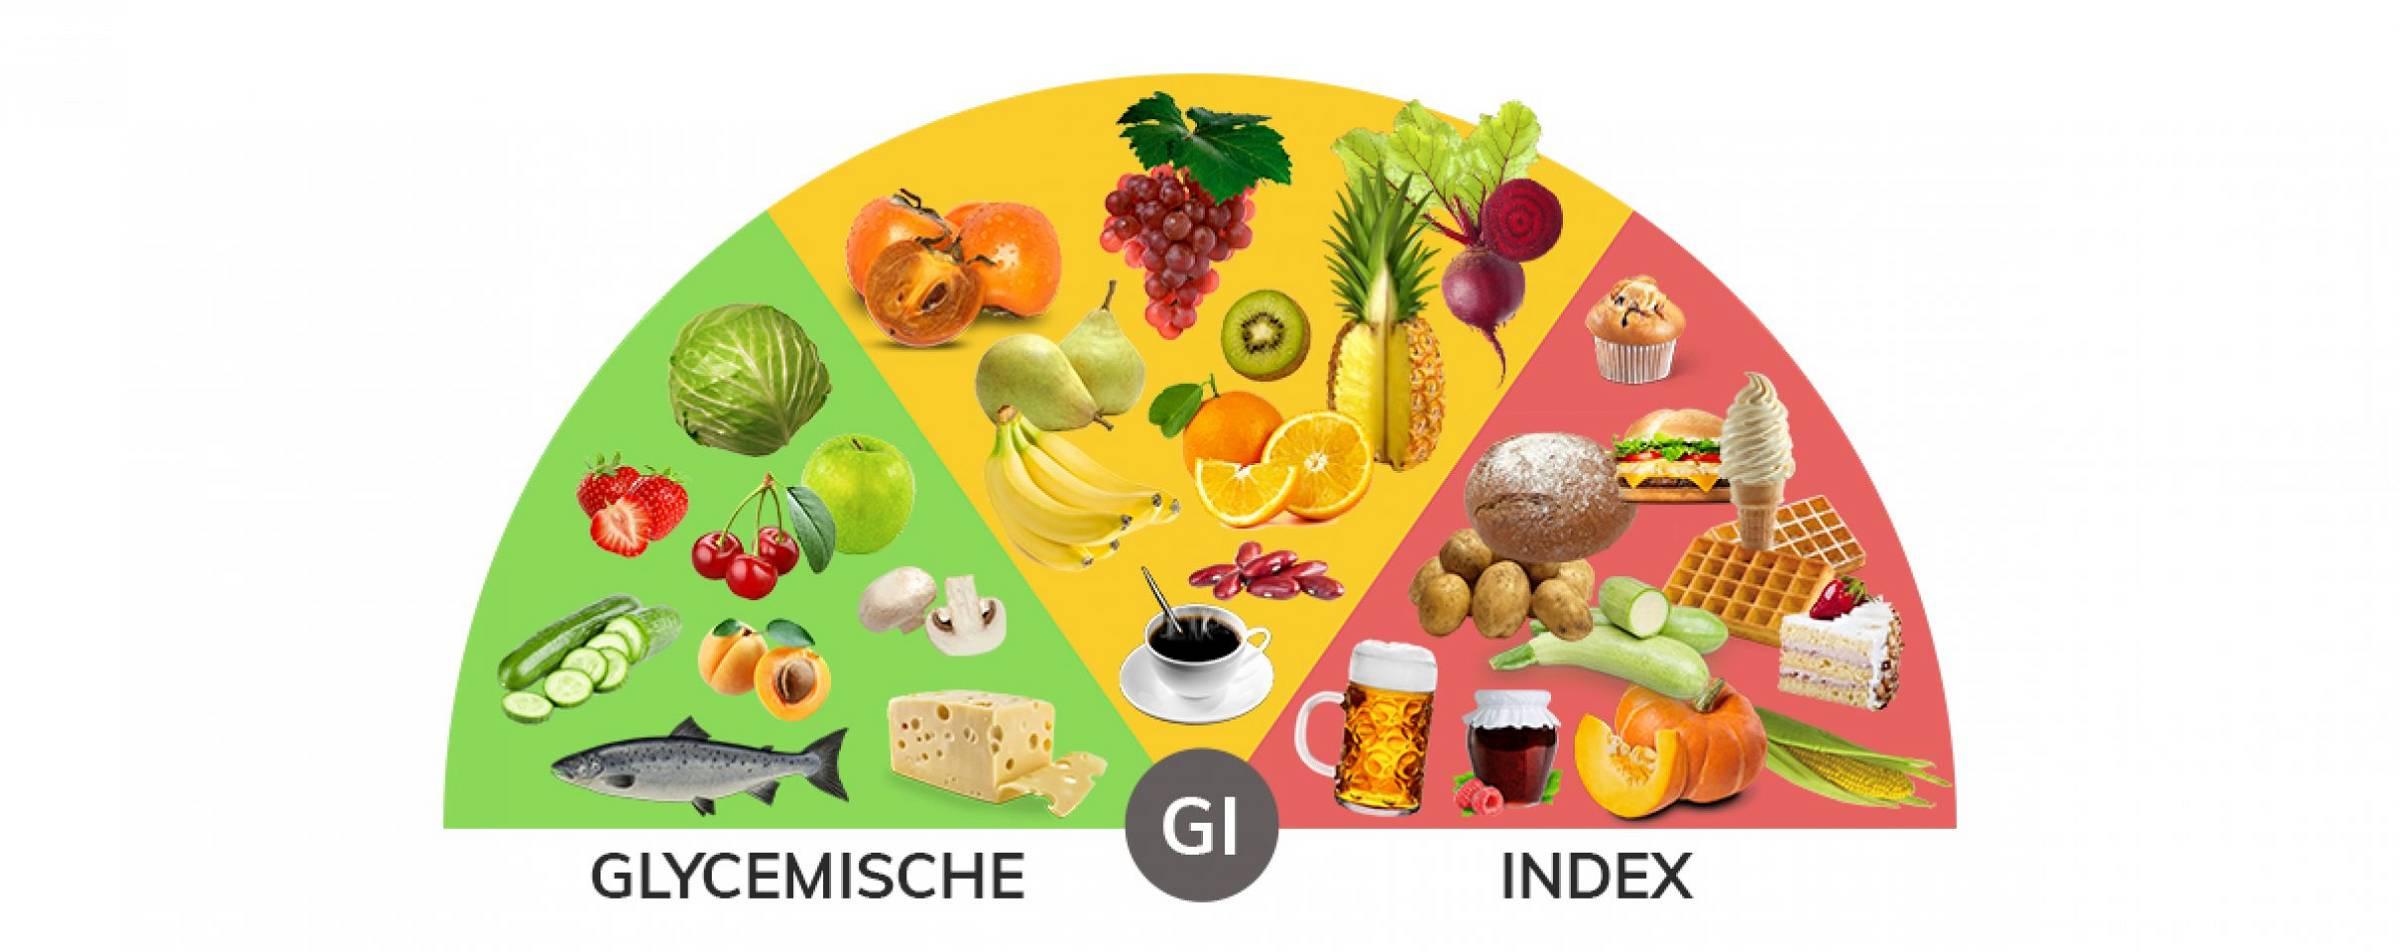 tabel met de glycemische index van belangrijkste voedingsmiddelen